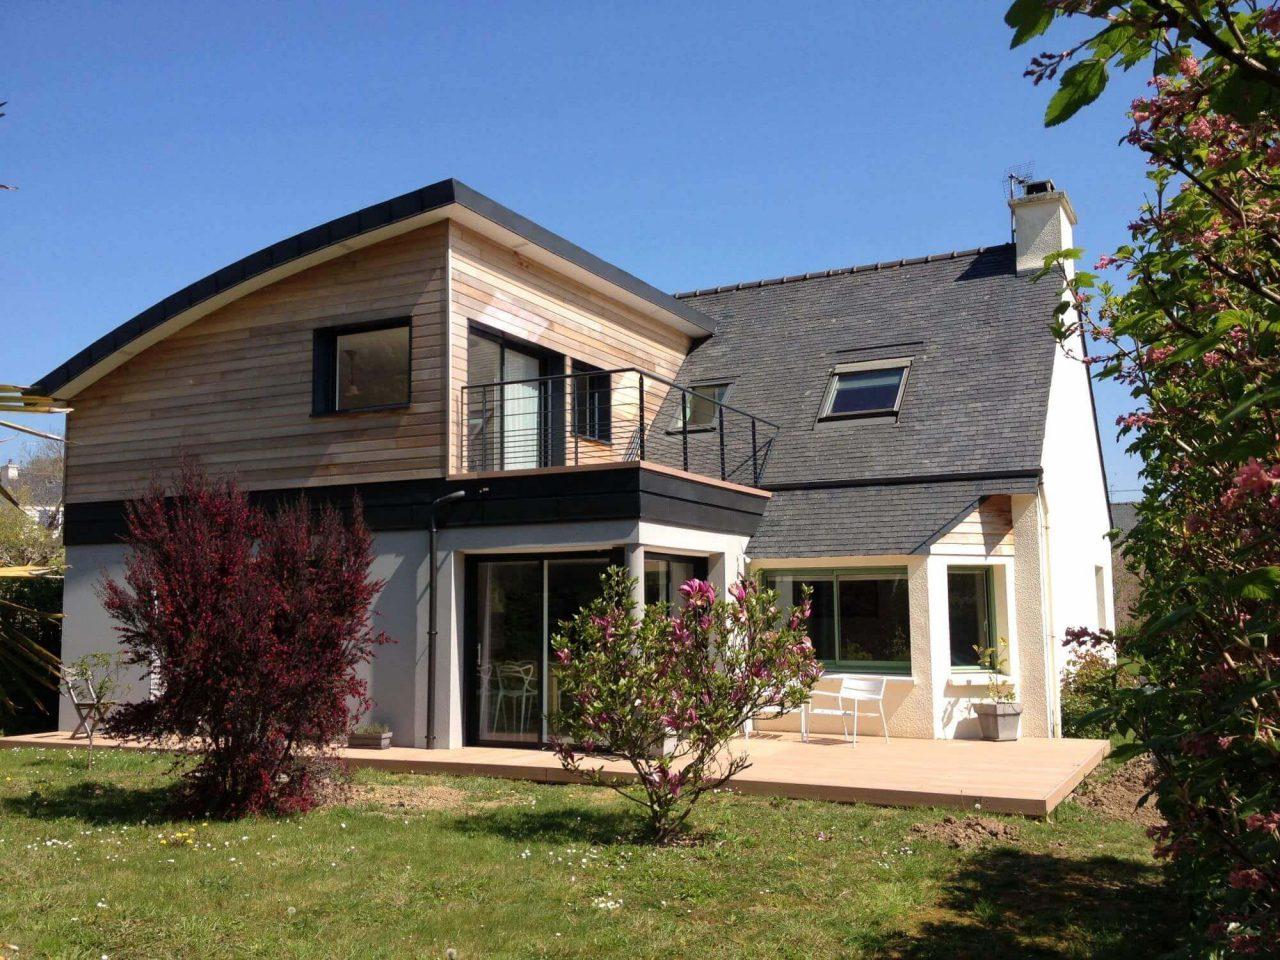 agrandissement de maison à Montpellier par surélévation en bois